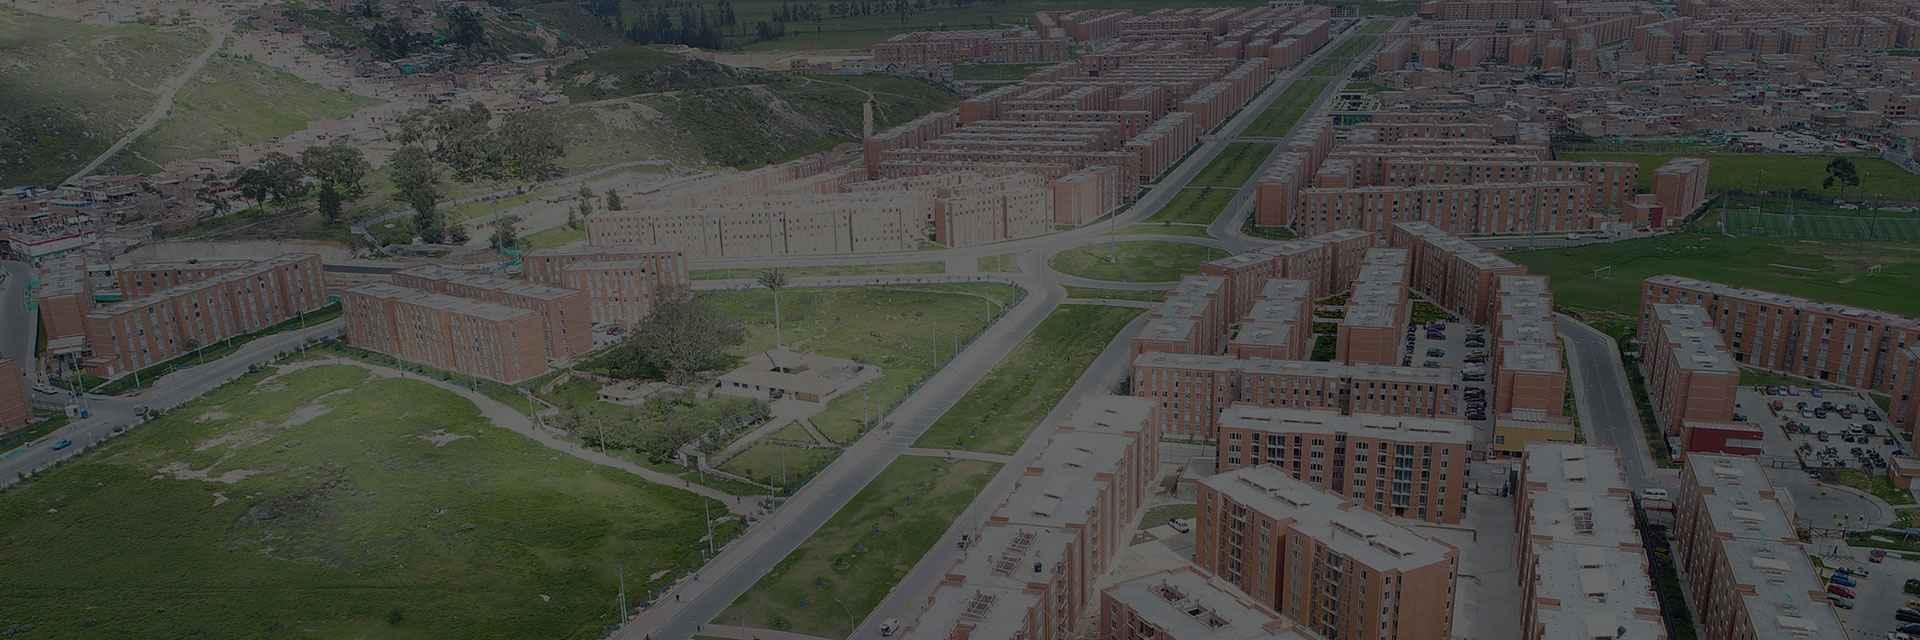 PreVeo | Servicios de Interventoría en Colombia, Control y Supervisión